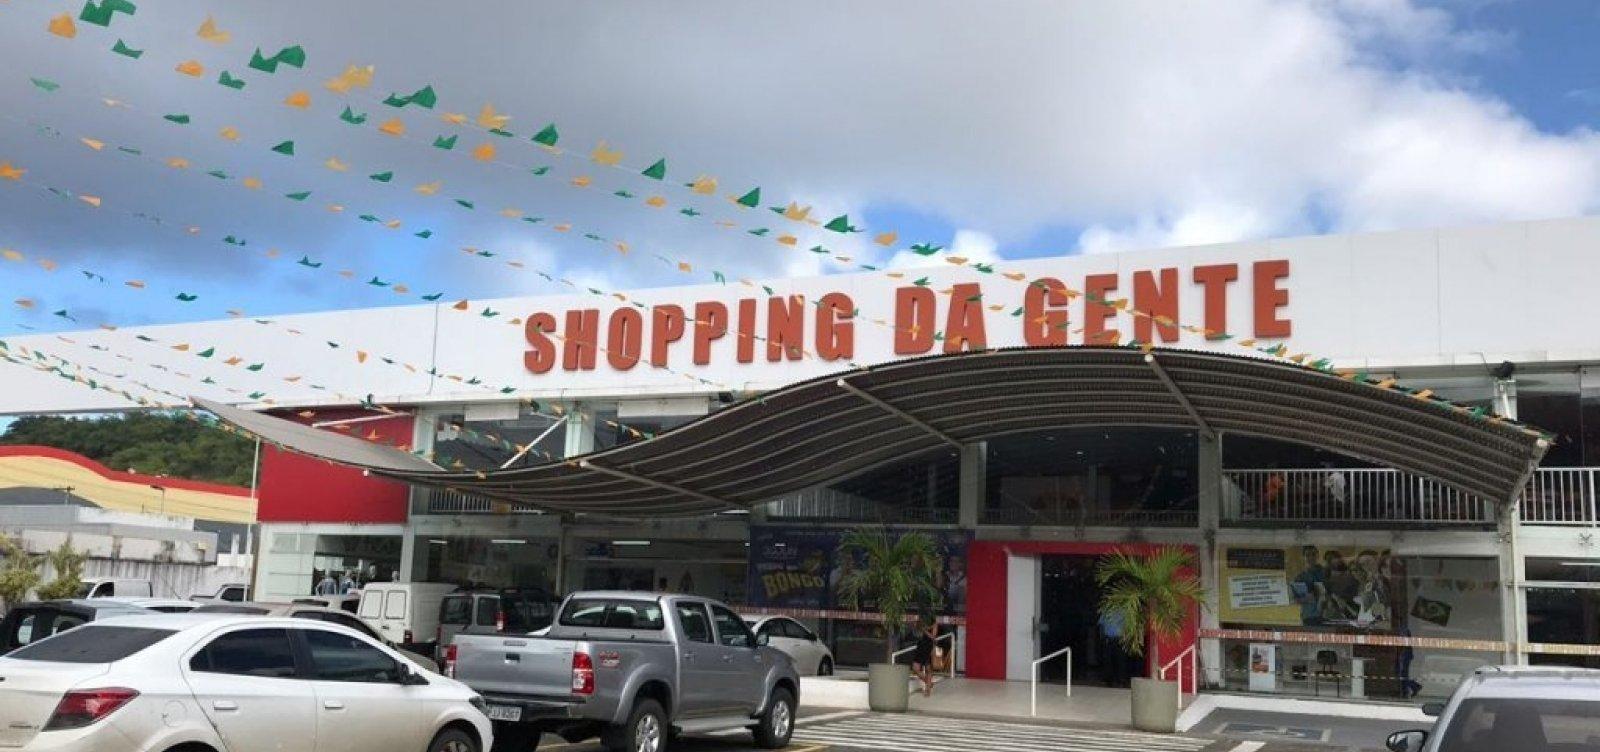 [Policial é morto após reagir a assalto dentro de shopping em Salvador]